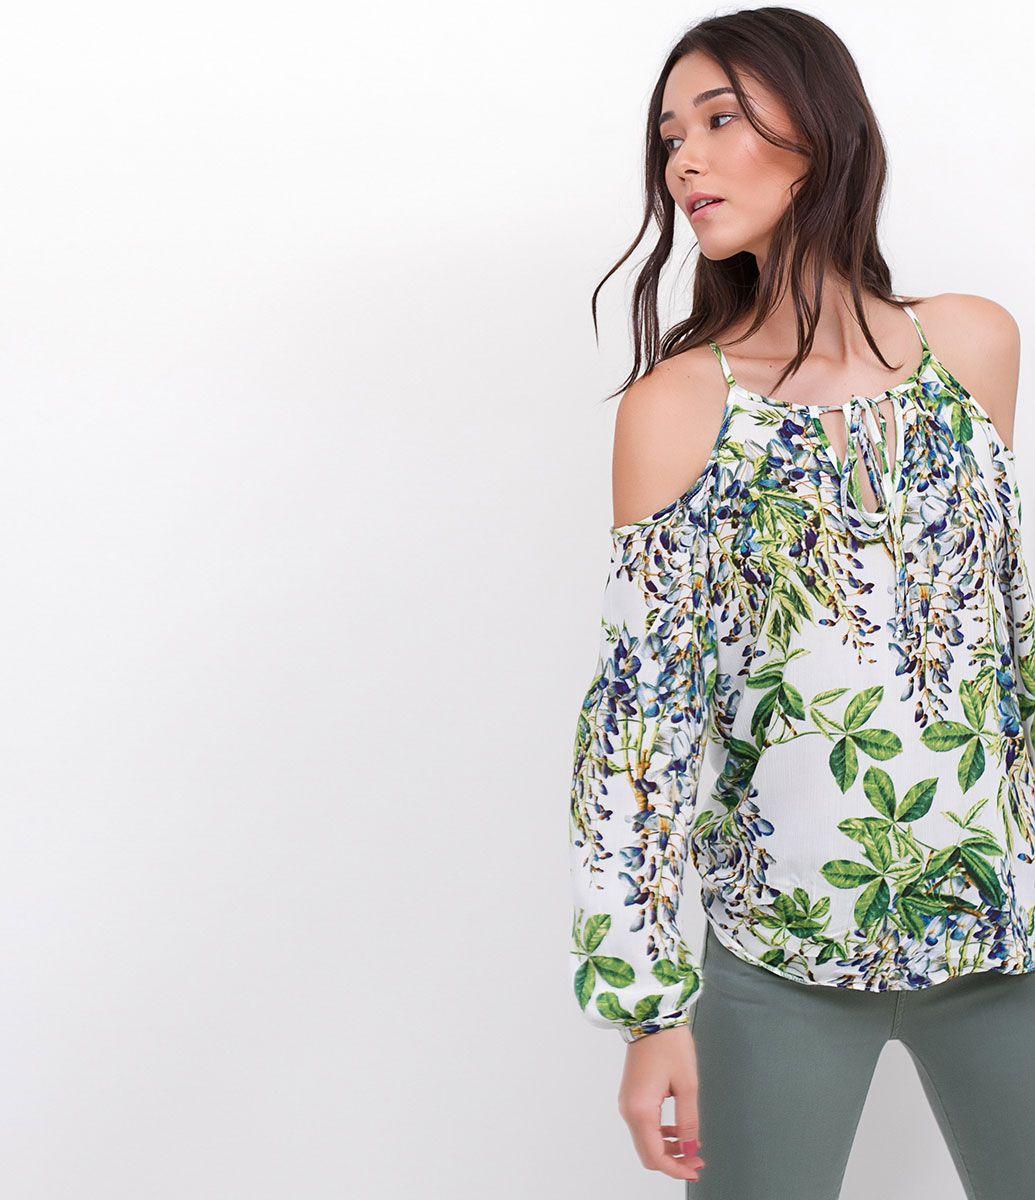 Blusa feminina Manga curta Gola Tomara que caia Estampa Floral Marca   Marfinno Tecido  viscose Composição 100% viscose Modelo veste tamanho  P  Medidas da ... d864f18554